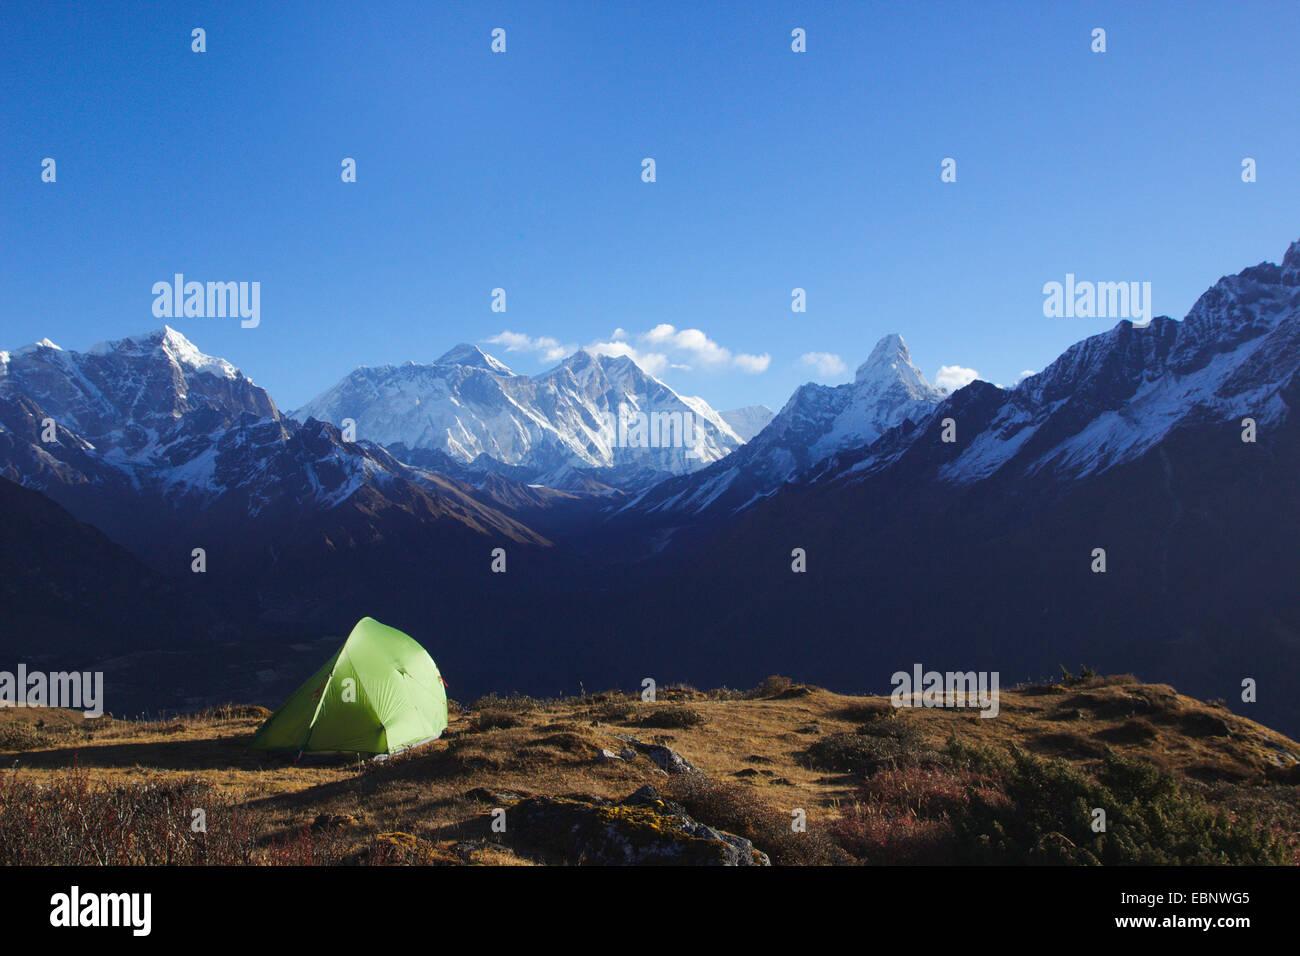 tent near Kaongde Hotel with Taboche, Nuptse, Mount Everest, Lhotse, Ama Dablam, Nepal, Khumbu Himal - Stock Image